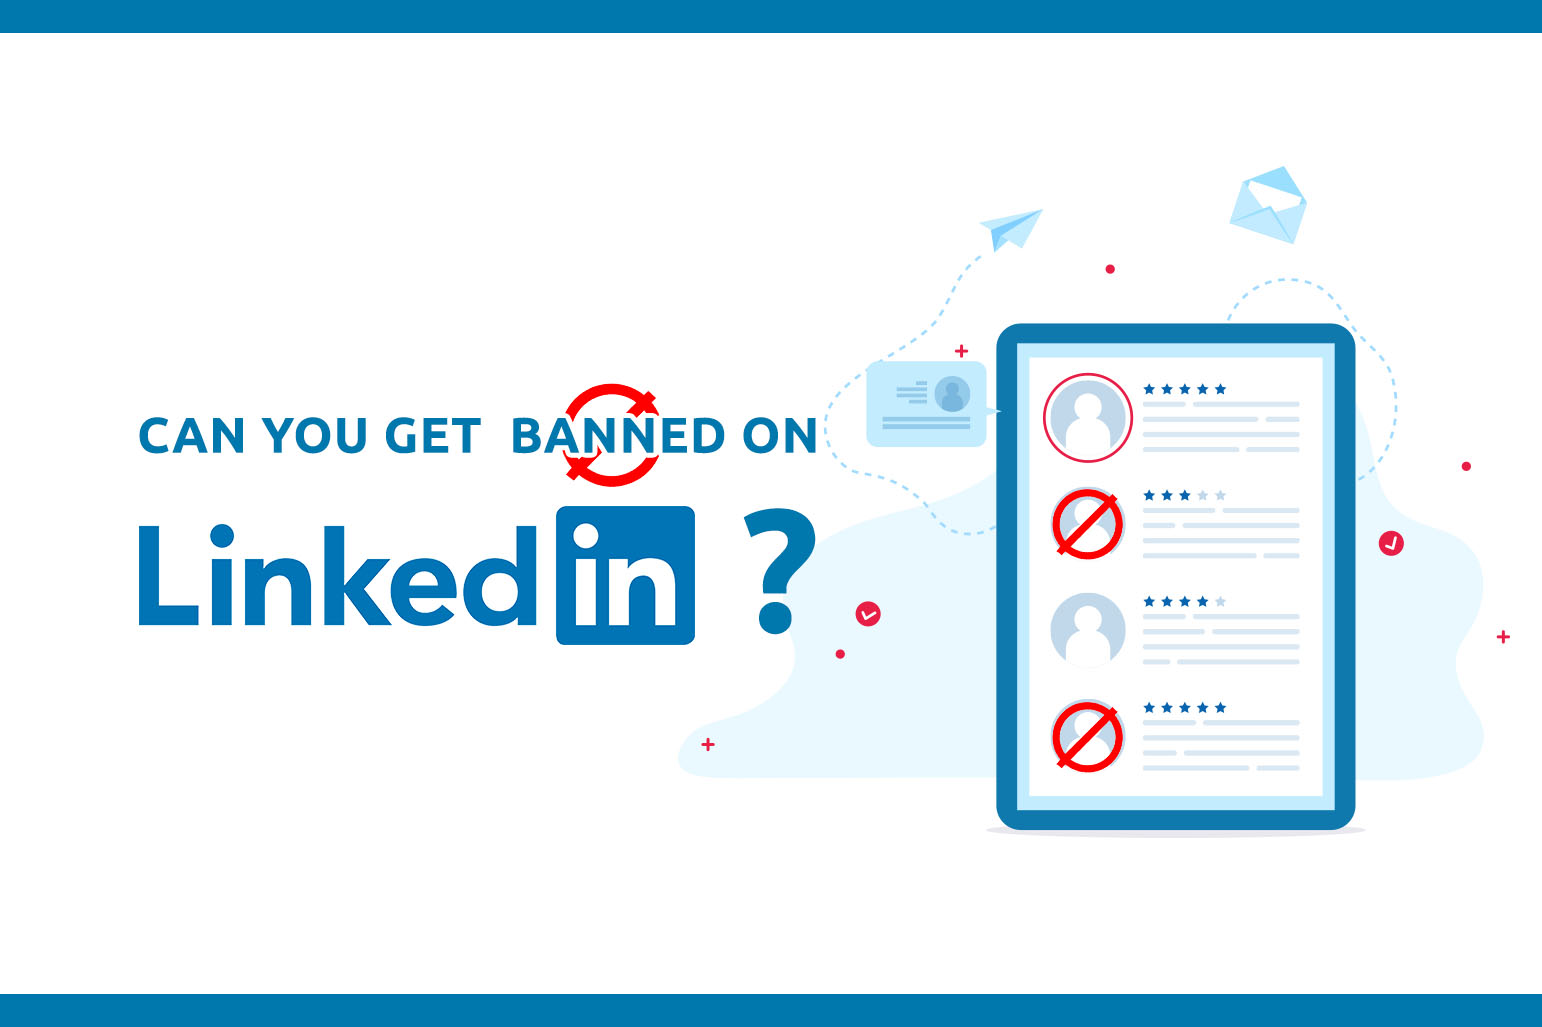 你会在LinkedIn上被禁言吗?